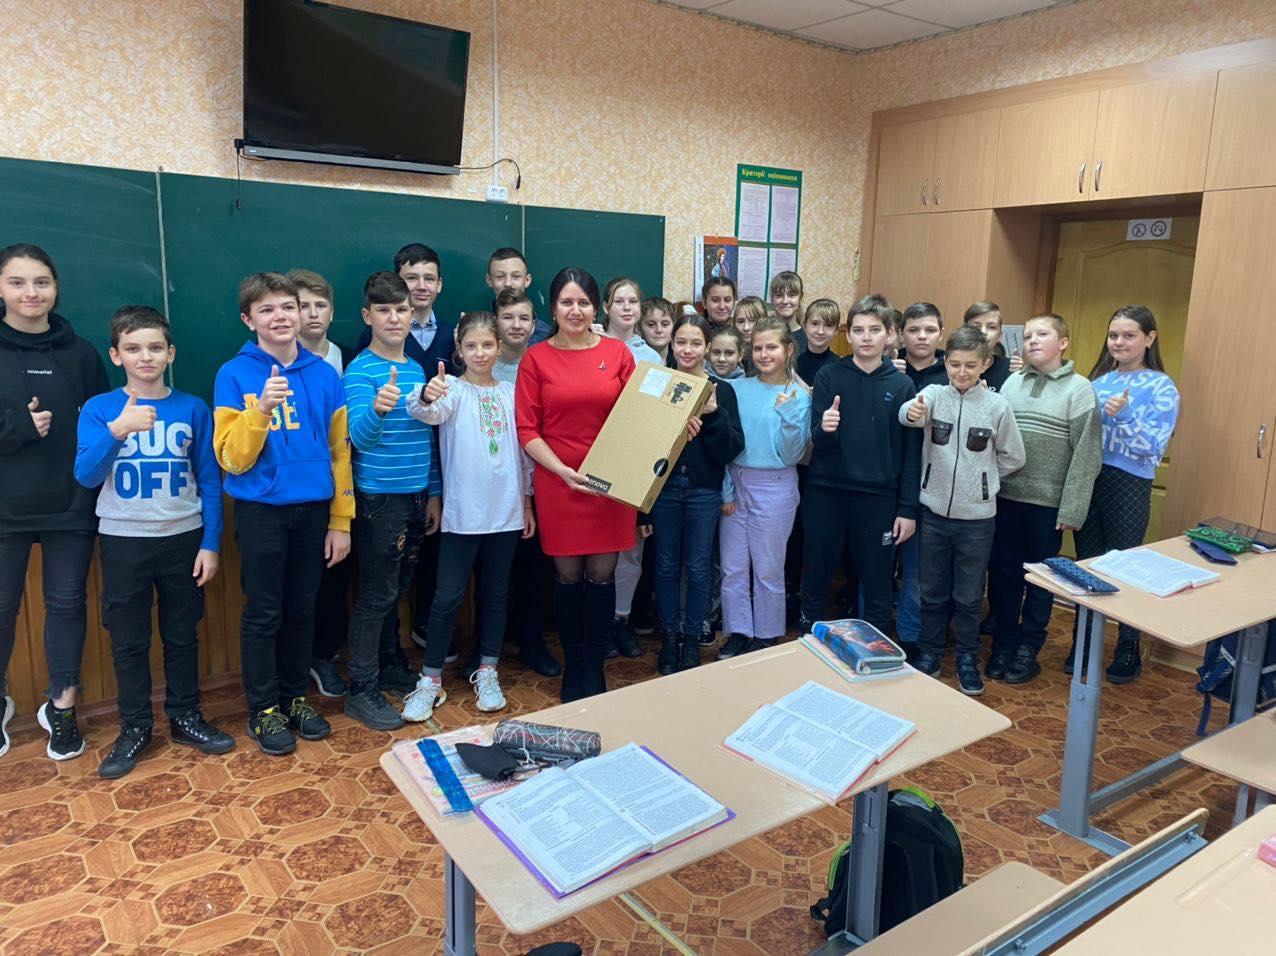 Турбота про освіту: Борис Приходько передав у заклади освіти 210-го округу ноутбуки для дистанційного навчання